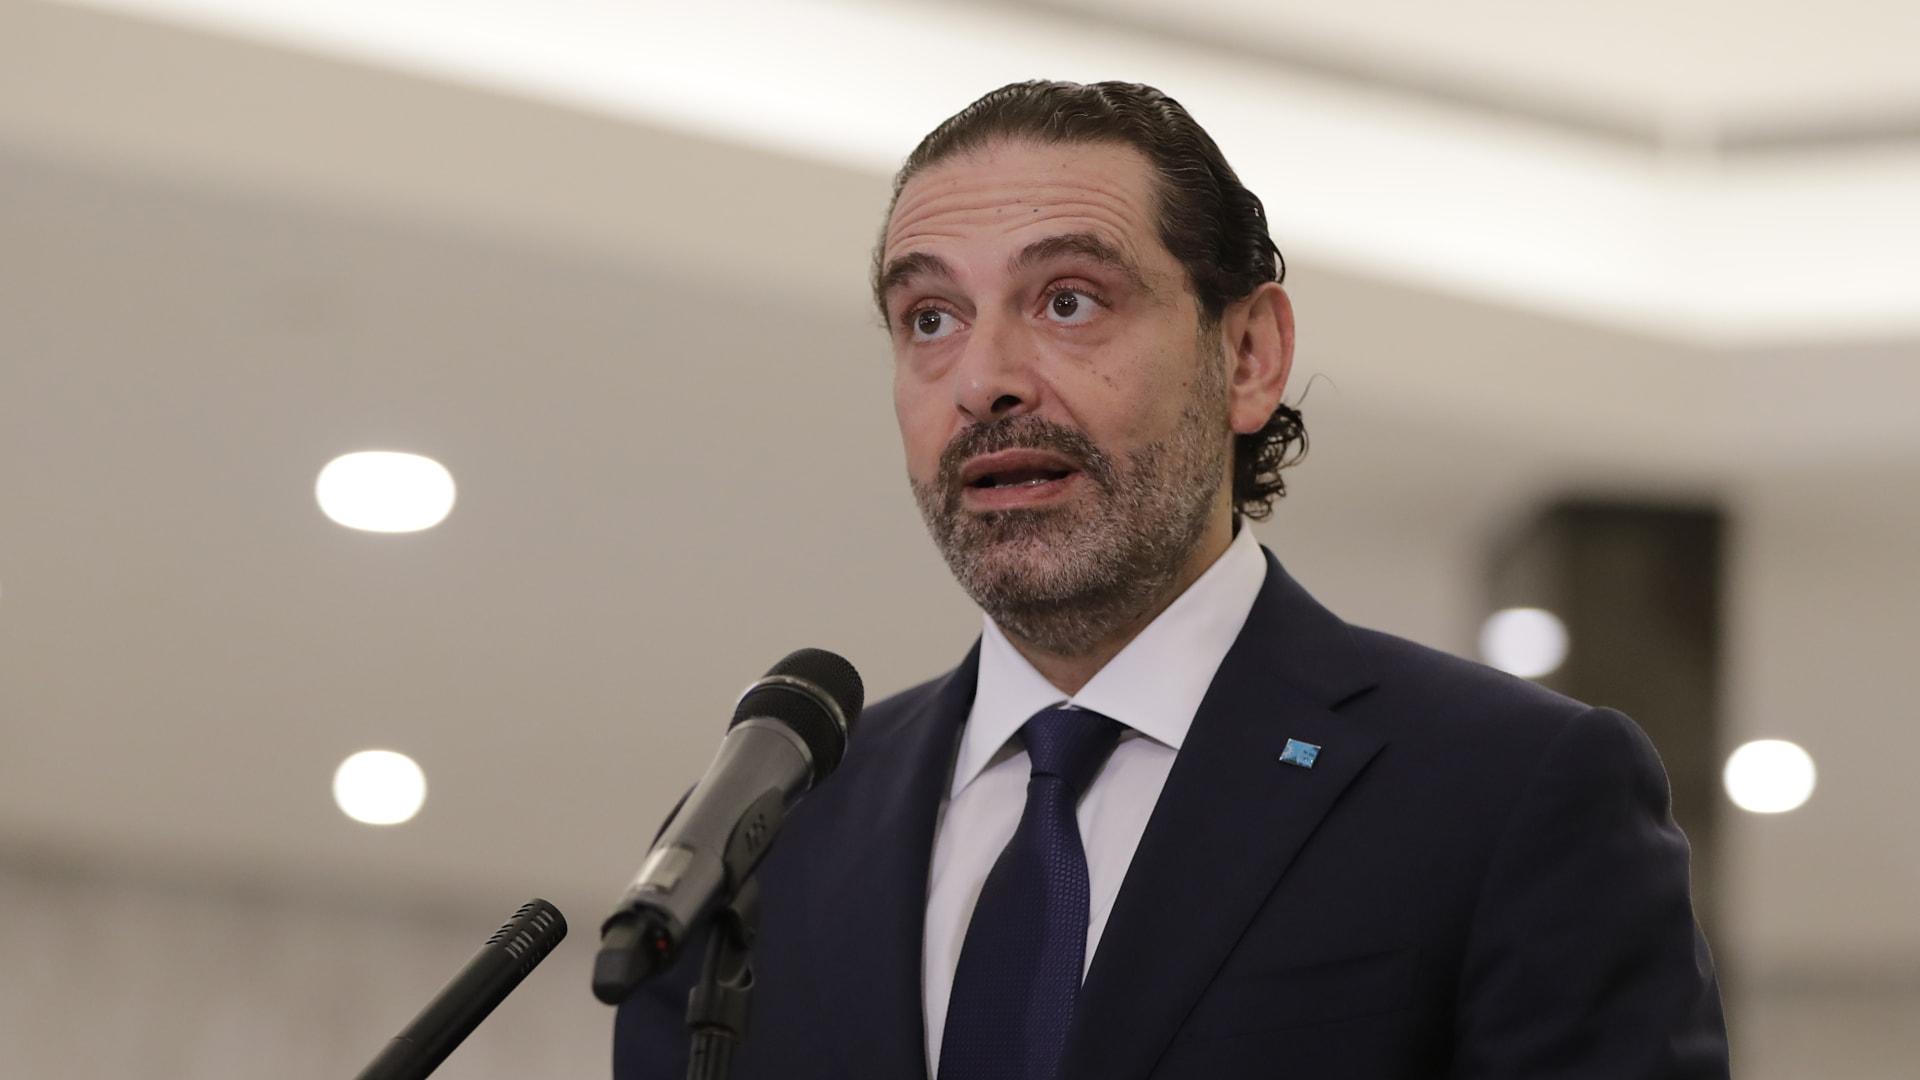 الحريري يقترح رفع الحصانة الدستورية عن رئيس الجمهورية في قضية مرفأ بيروت